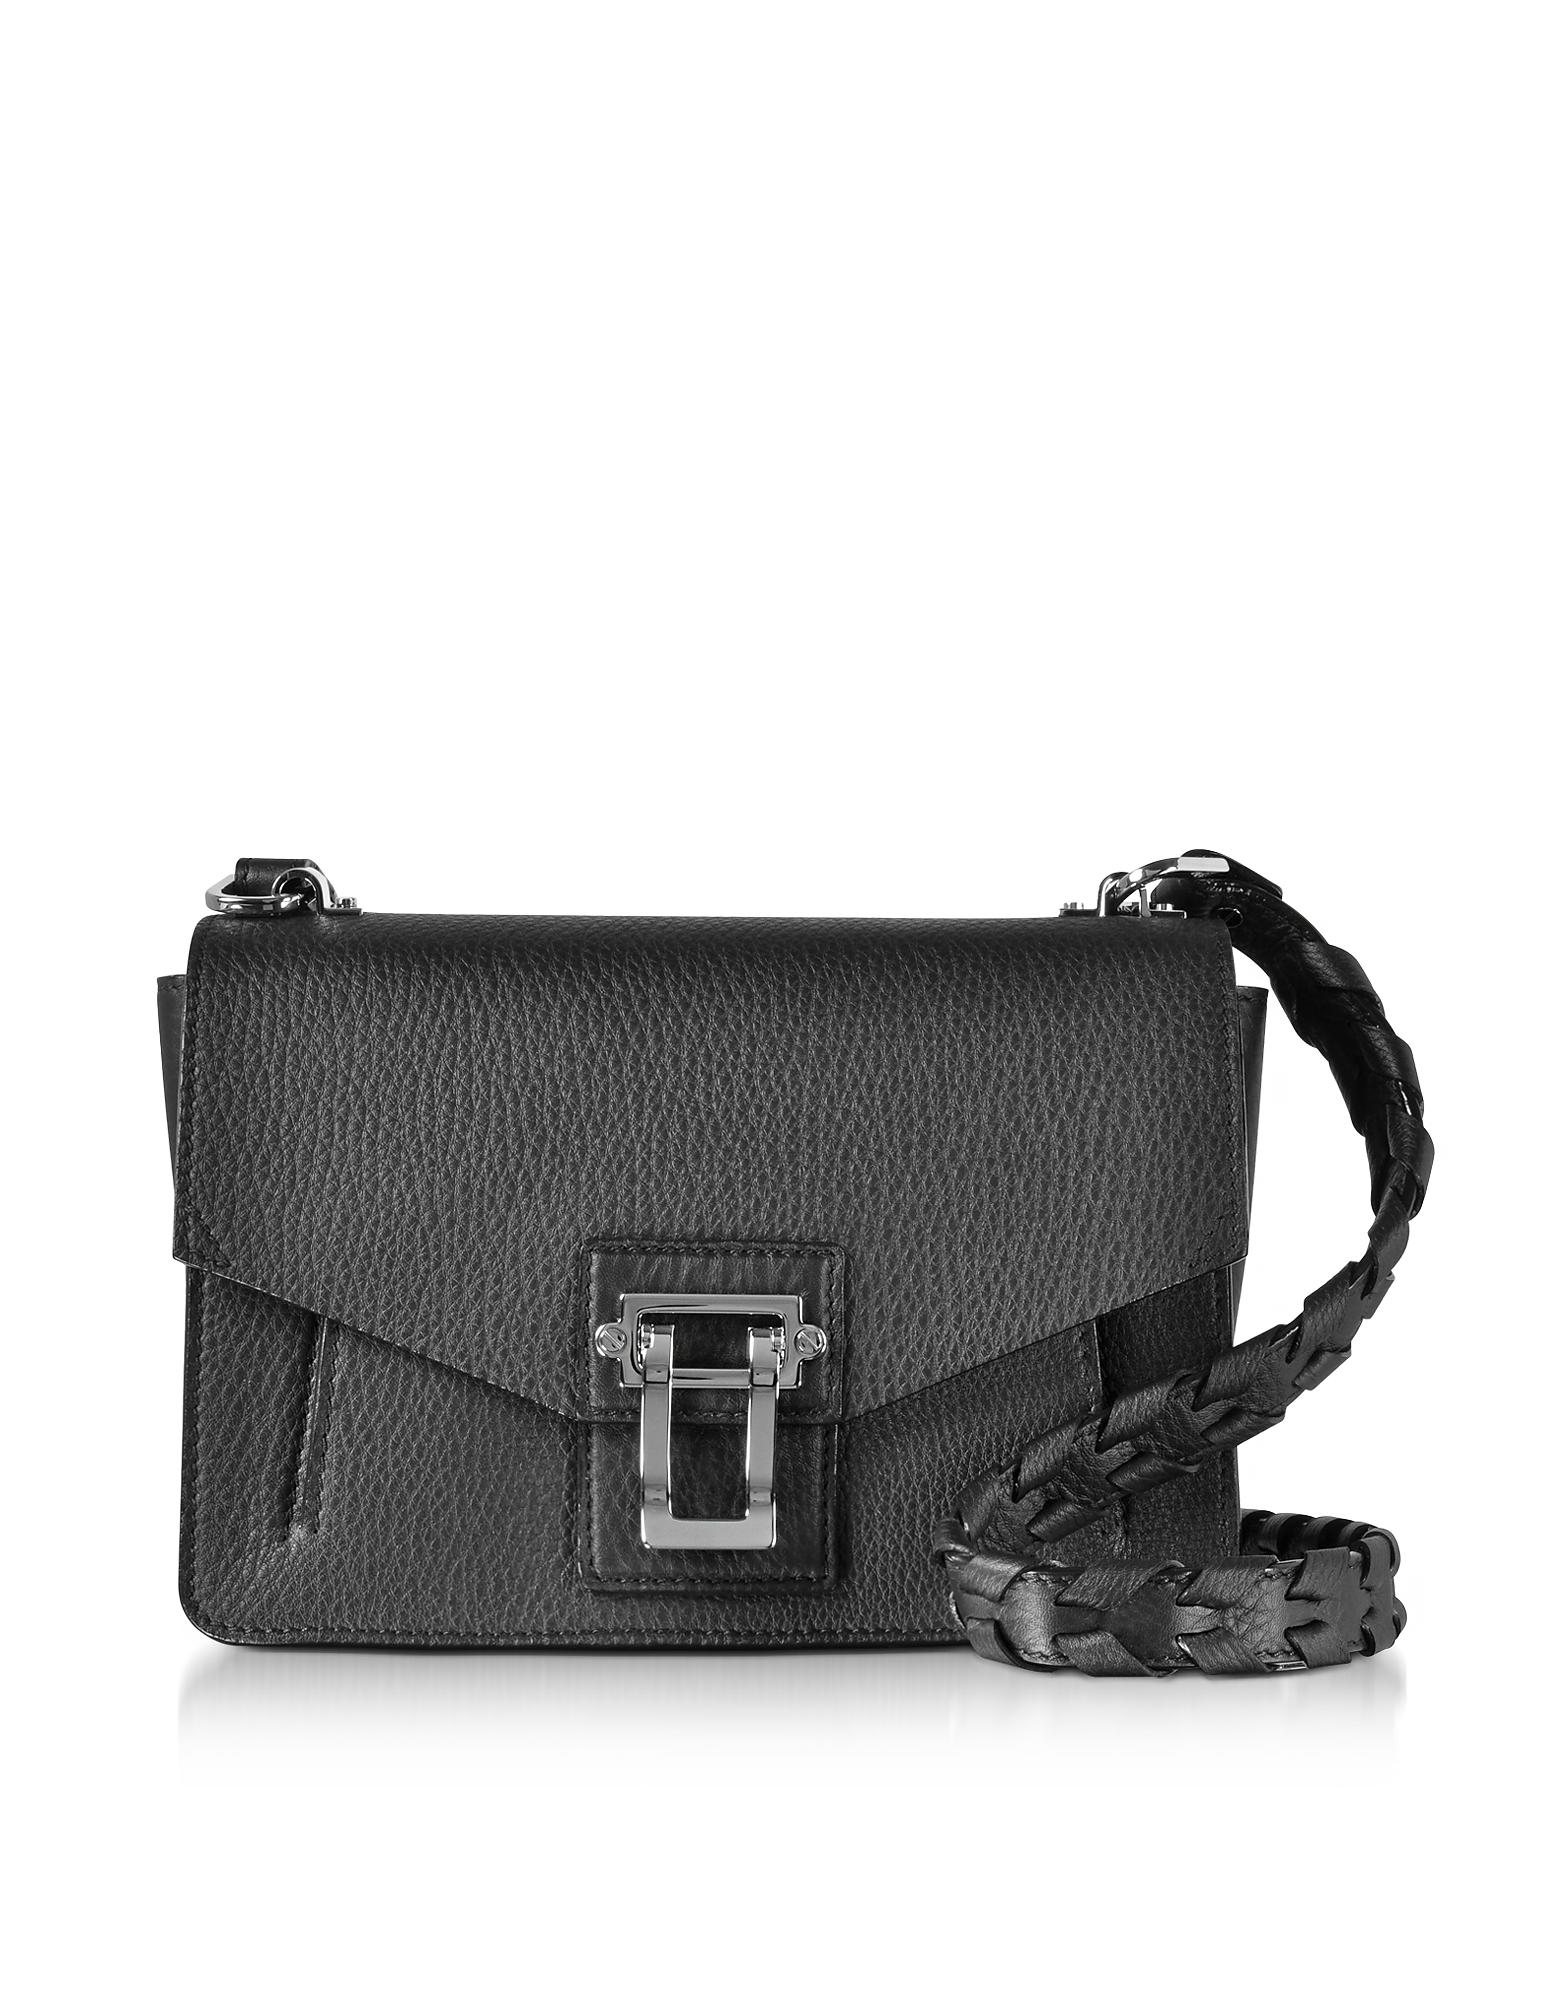 Proenza Schouler Handbags, Hava Black Lindos Leather Shoulder Bag w/Whipstitch Strap